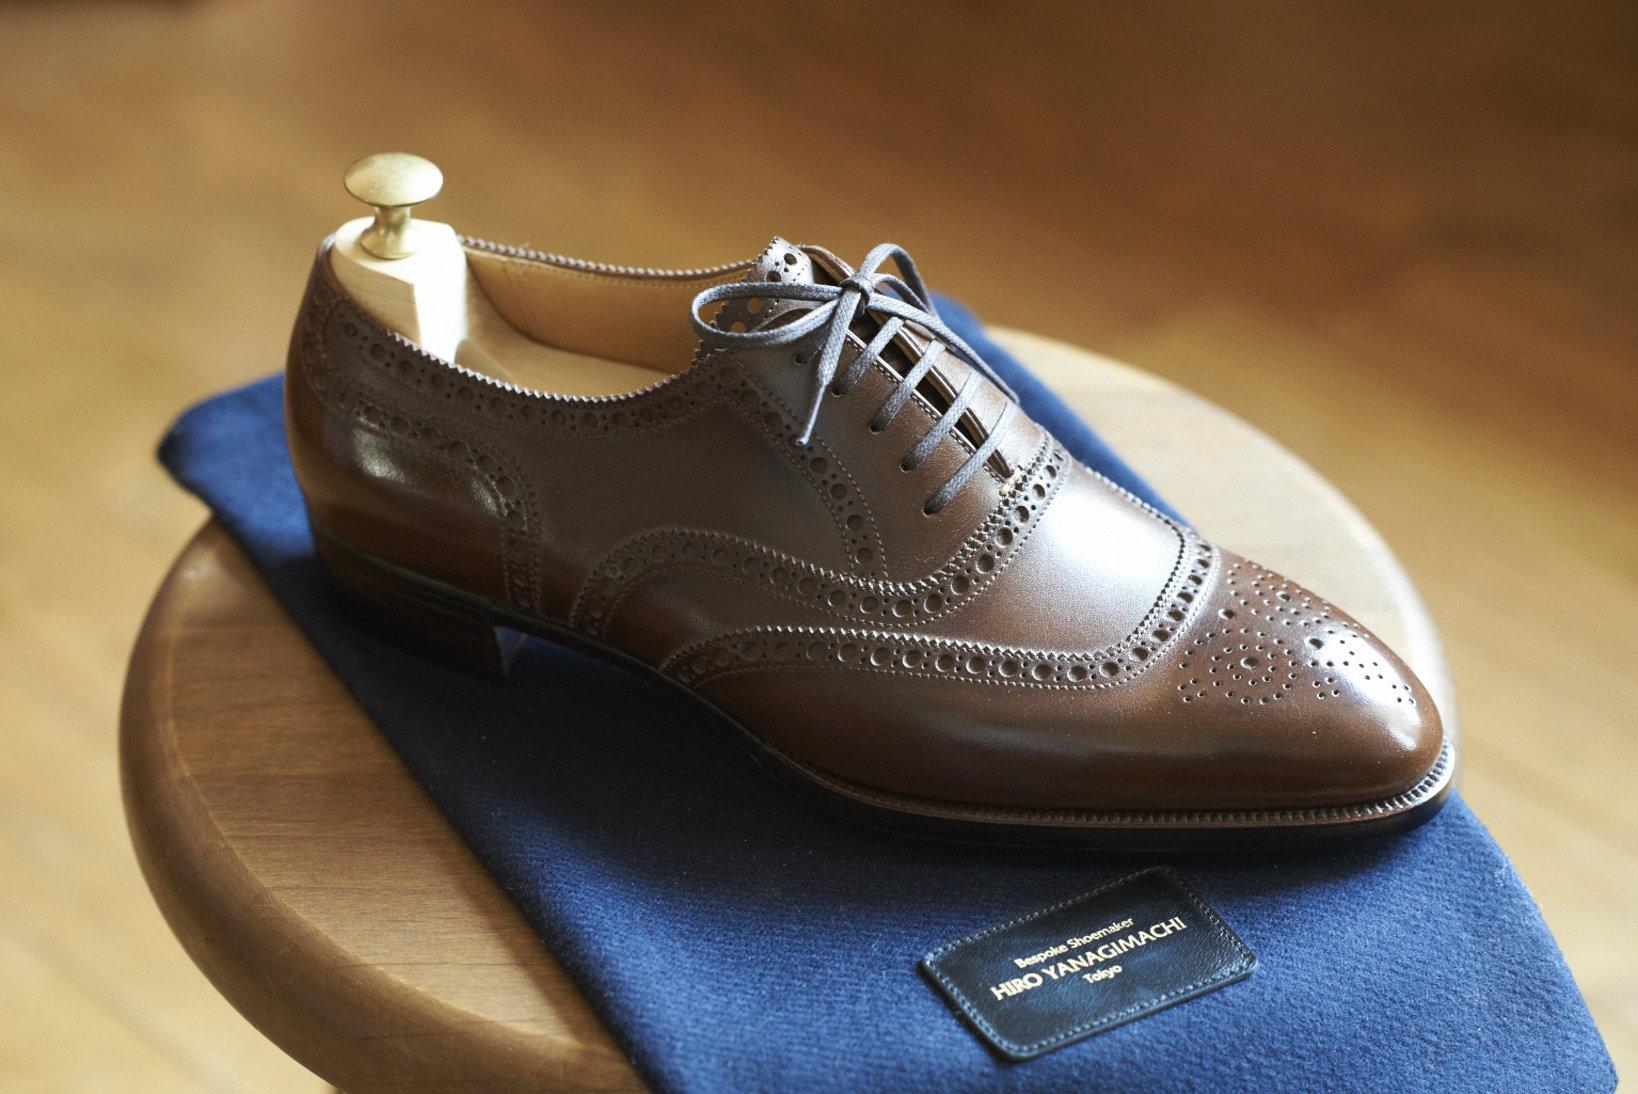 最新作の一つで、これがもともと「Uチップ」と呼ばれていたスタイルの靴。ブローギングの曲線が引き締まっていて、弛んだ印象を受けない。前から見ても、後から見ても精悍だ。